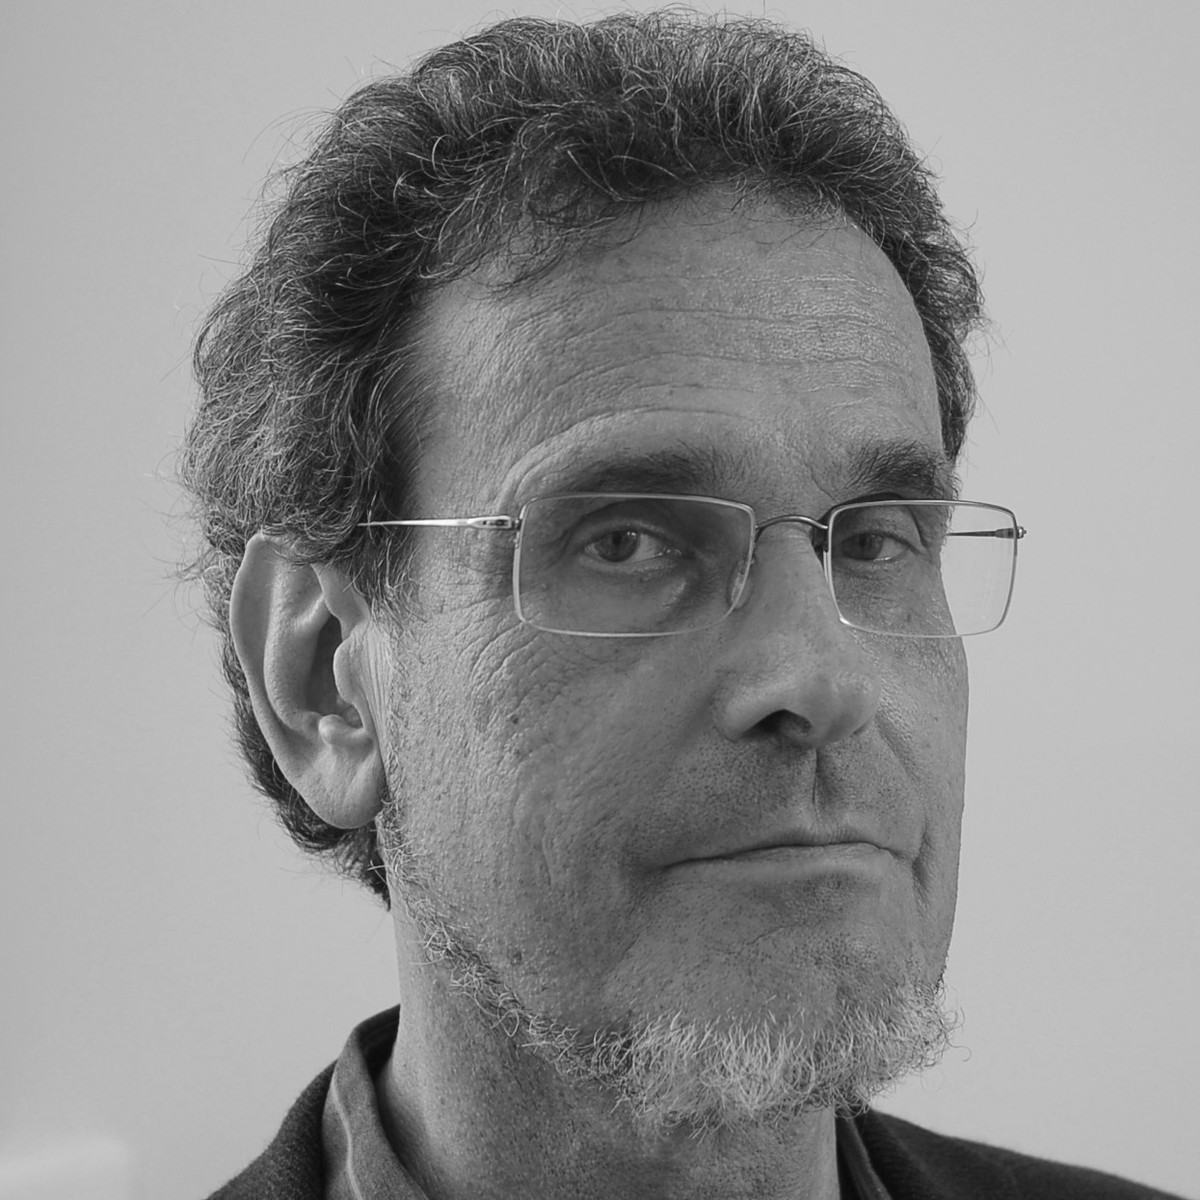 פרופ' מיכה (מיכאל) לוין